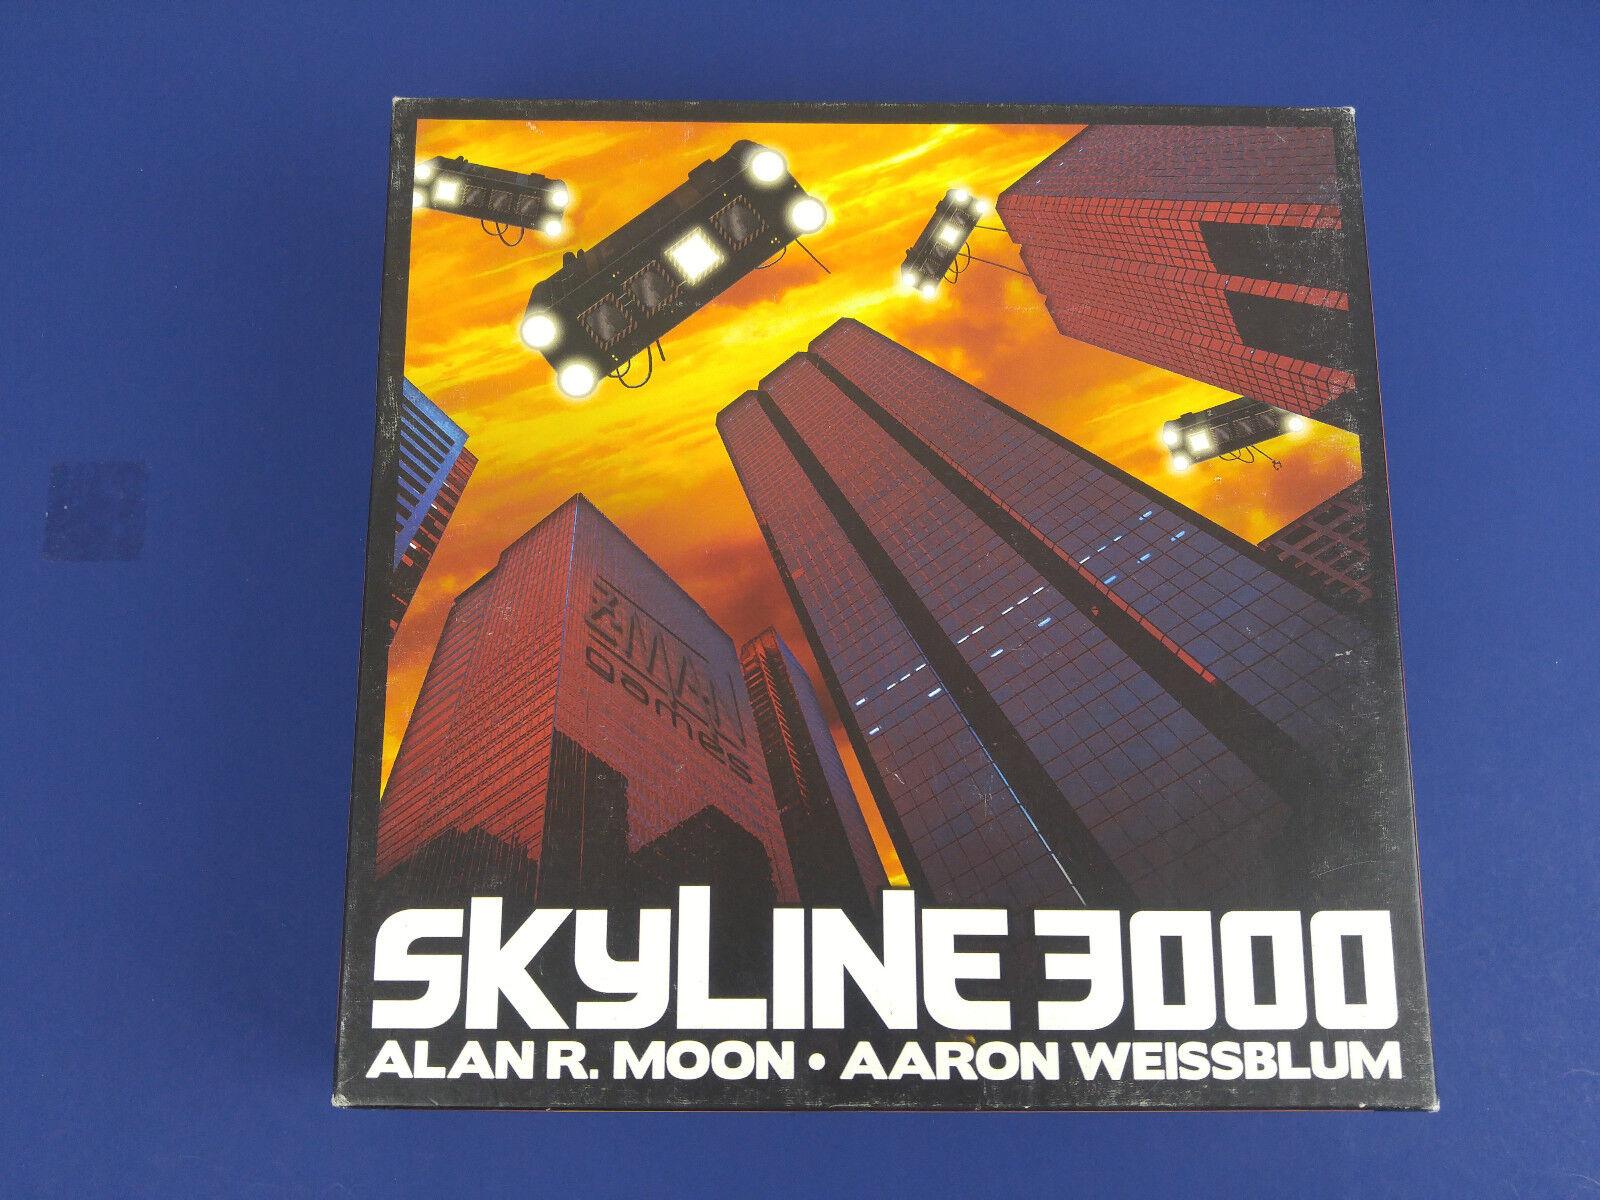 4 - mix spiele viel - skyline skyline skyline 3000 polterdice verstand twist kreuz cribb abgeschlossen 65bc20